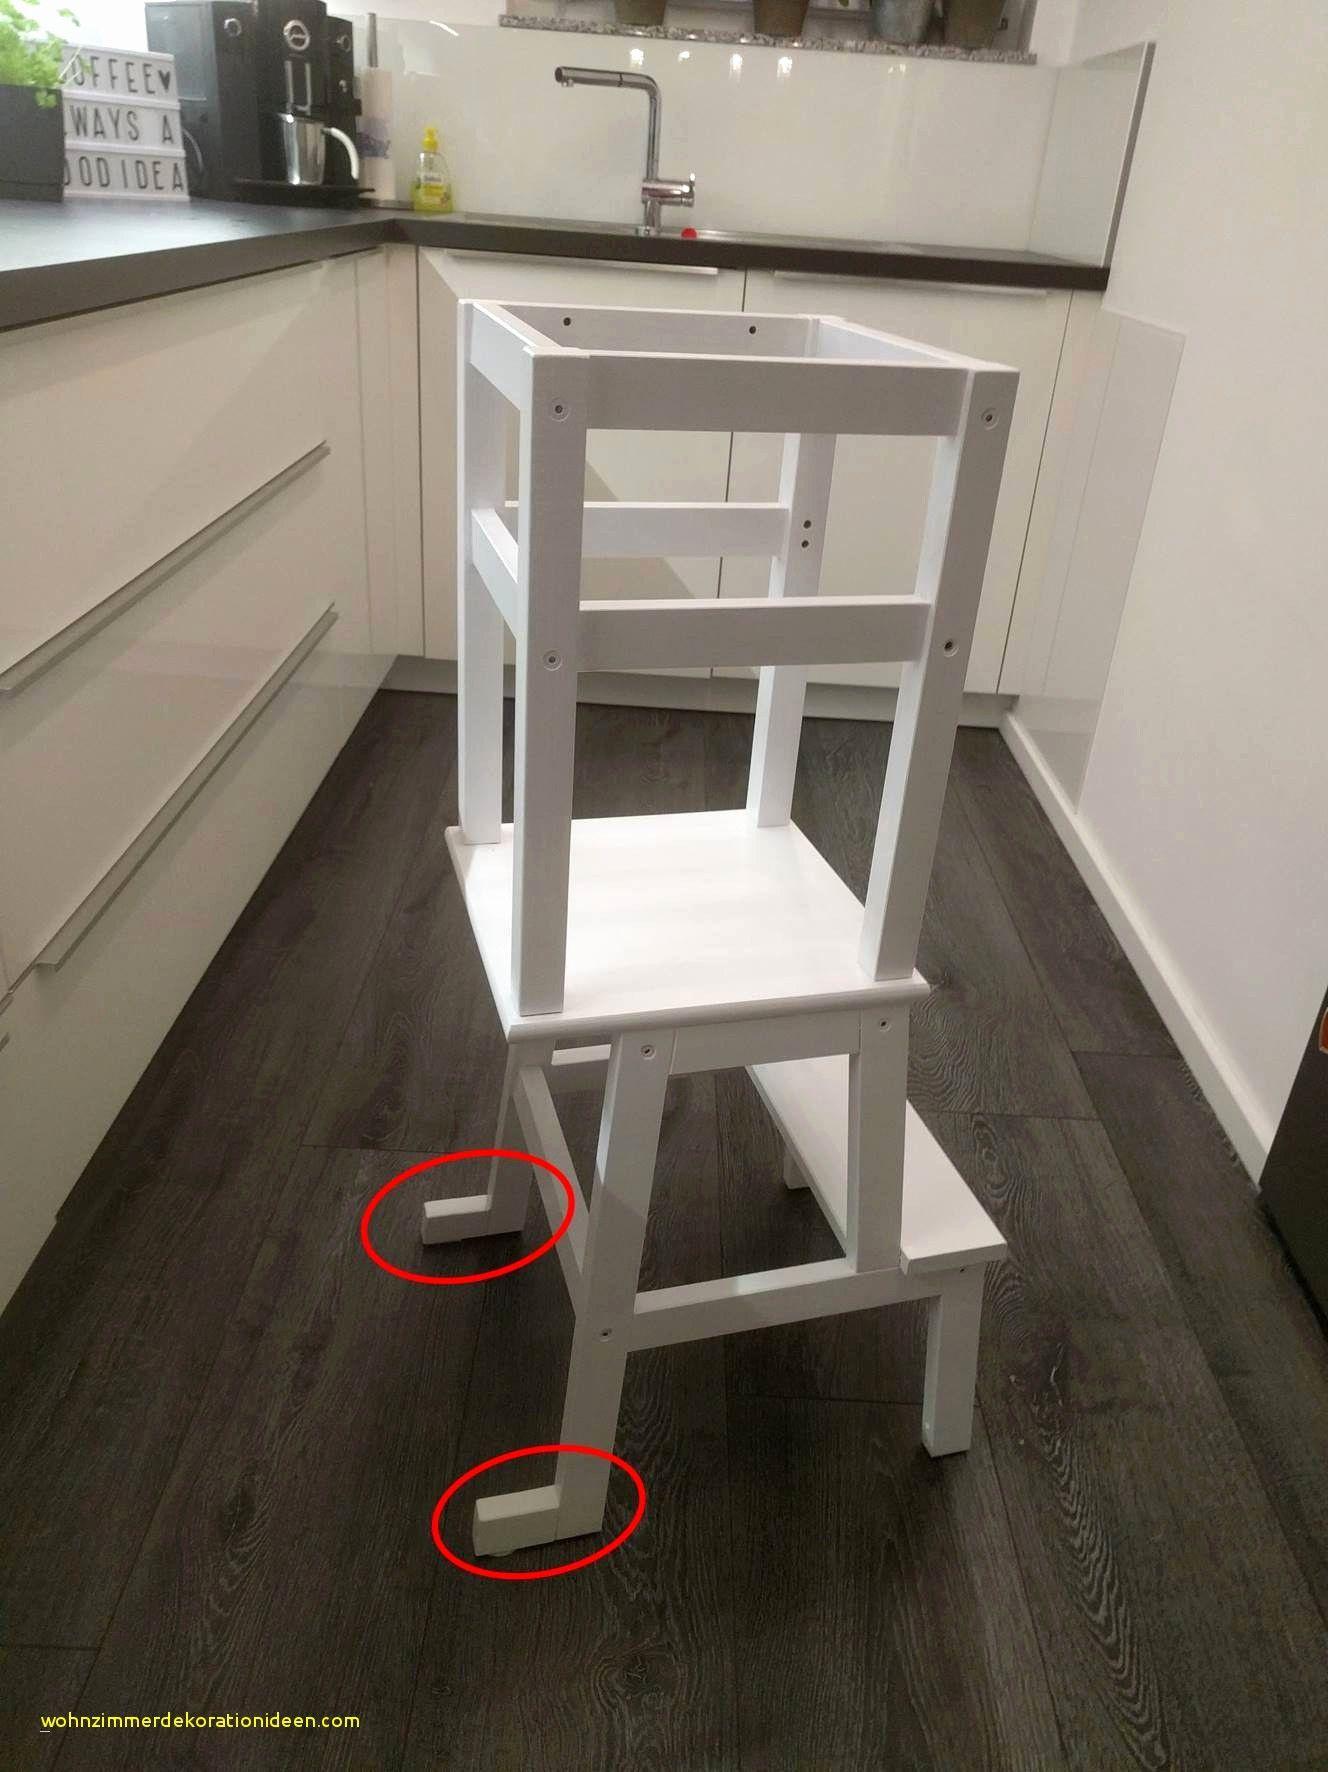 Oberteil 43 Für Balkon Sichtschutz Ikea Check more at